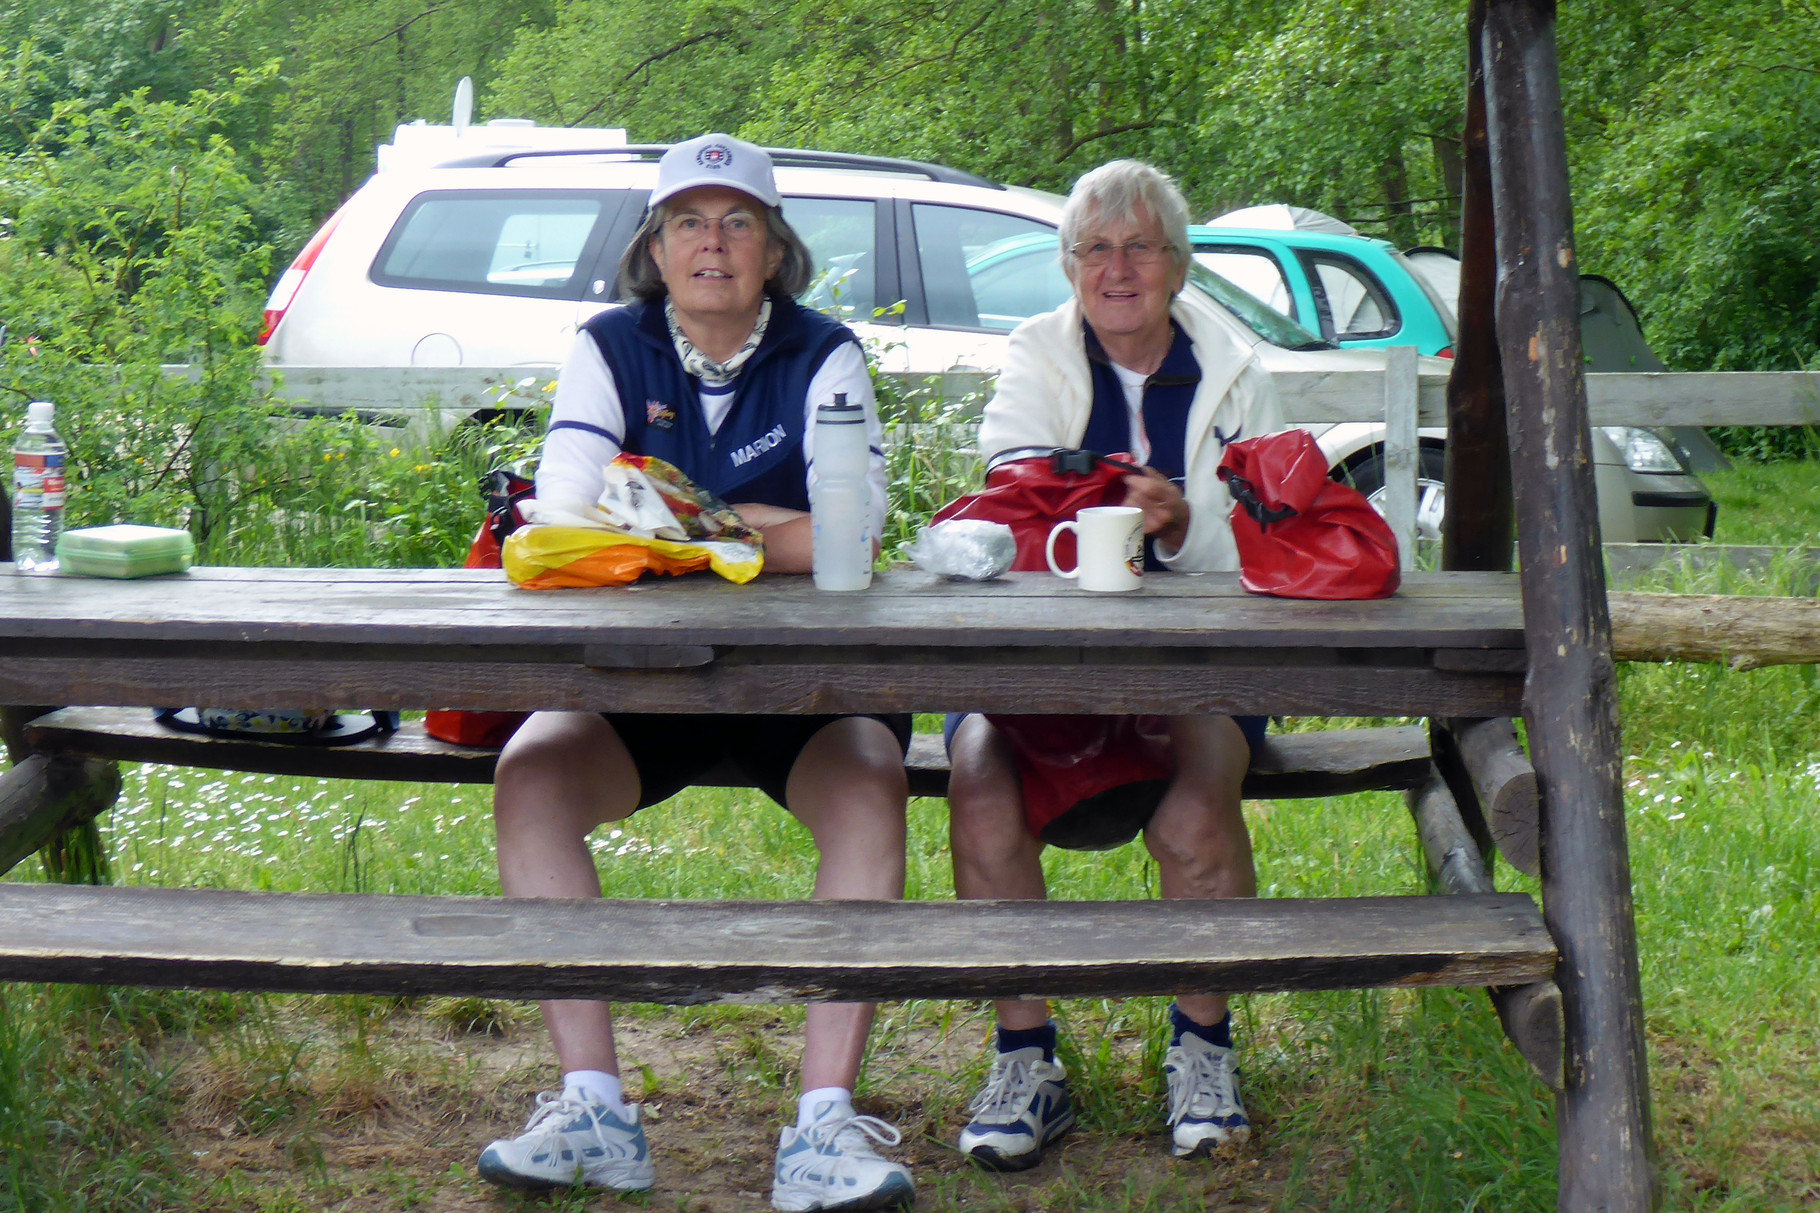 Picknick beim Achter. Marion und Icke.